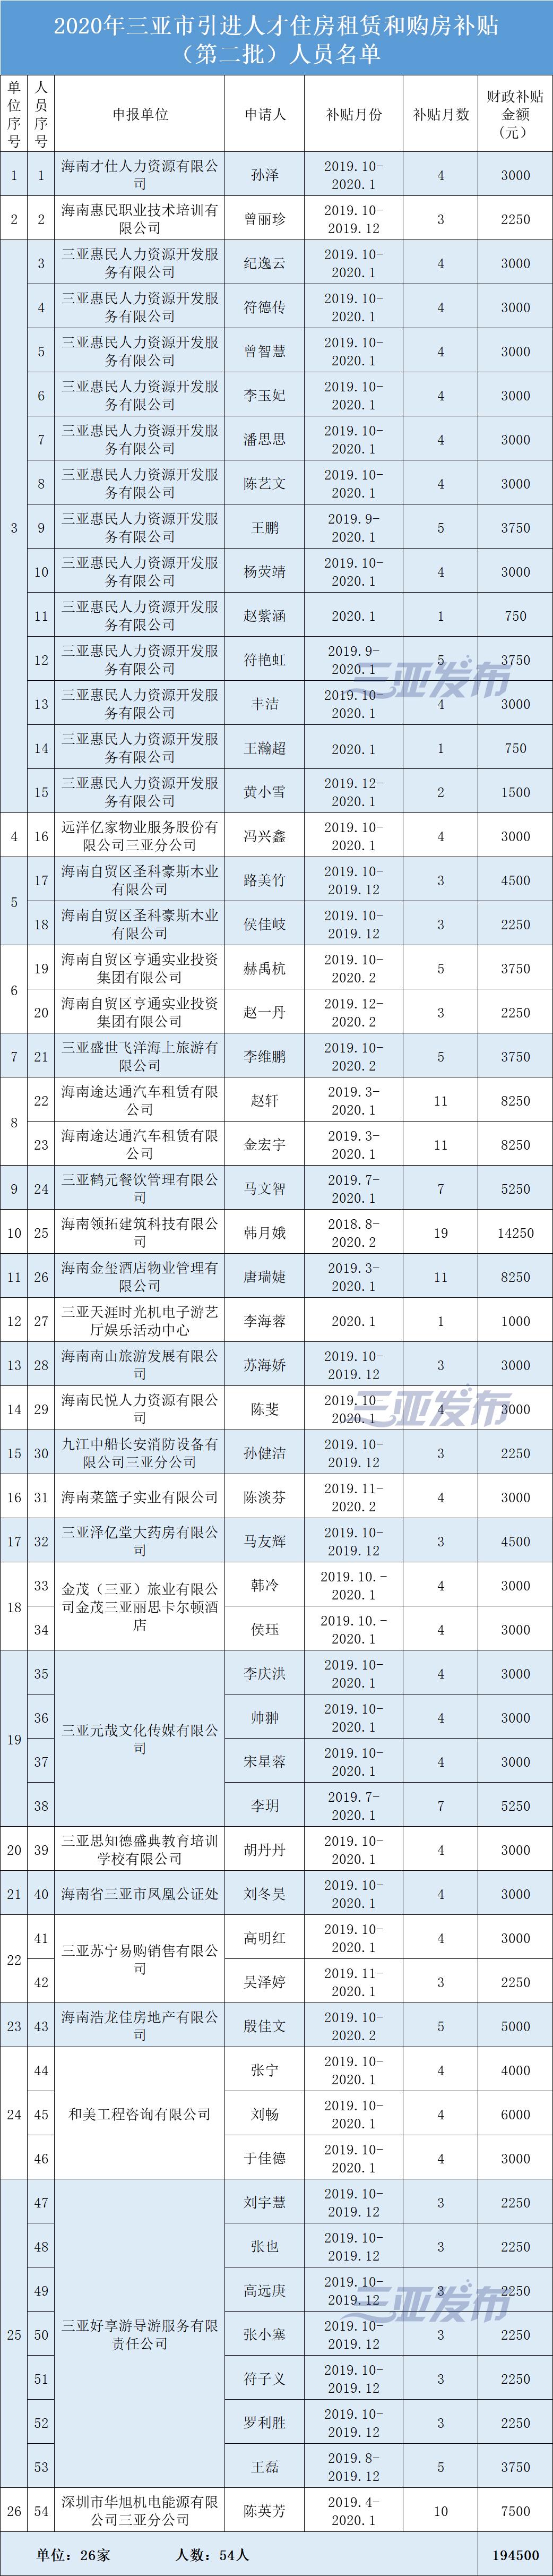 2020年三亚引进人才租房购房补贴第二批人员名单公示